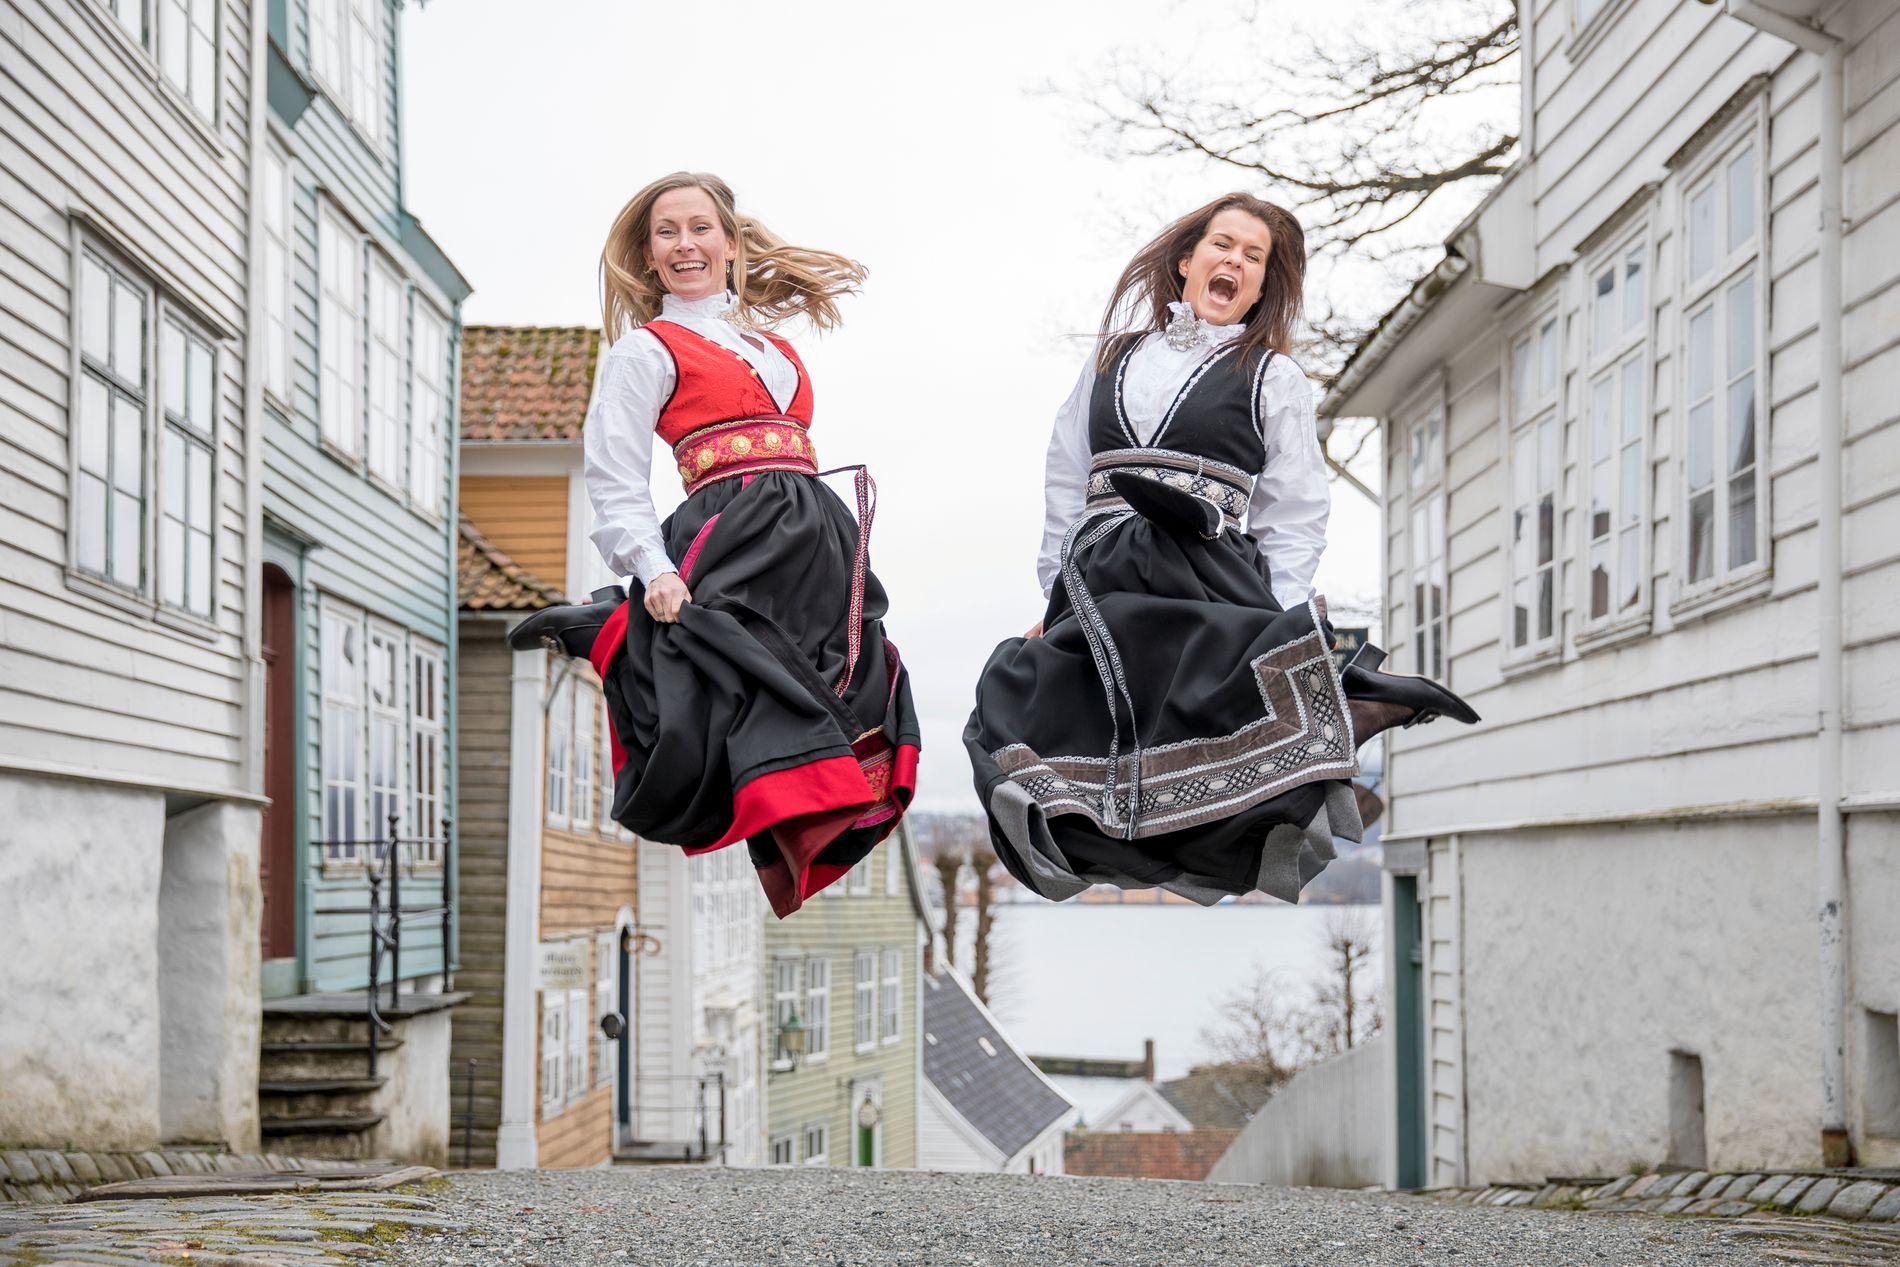 FESTFINE: Hermeline damedrakt kommer i rød/sort eller grå/sort og koster 6000 kroner.